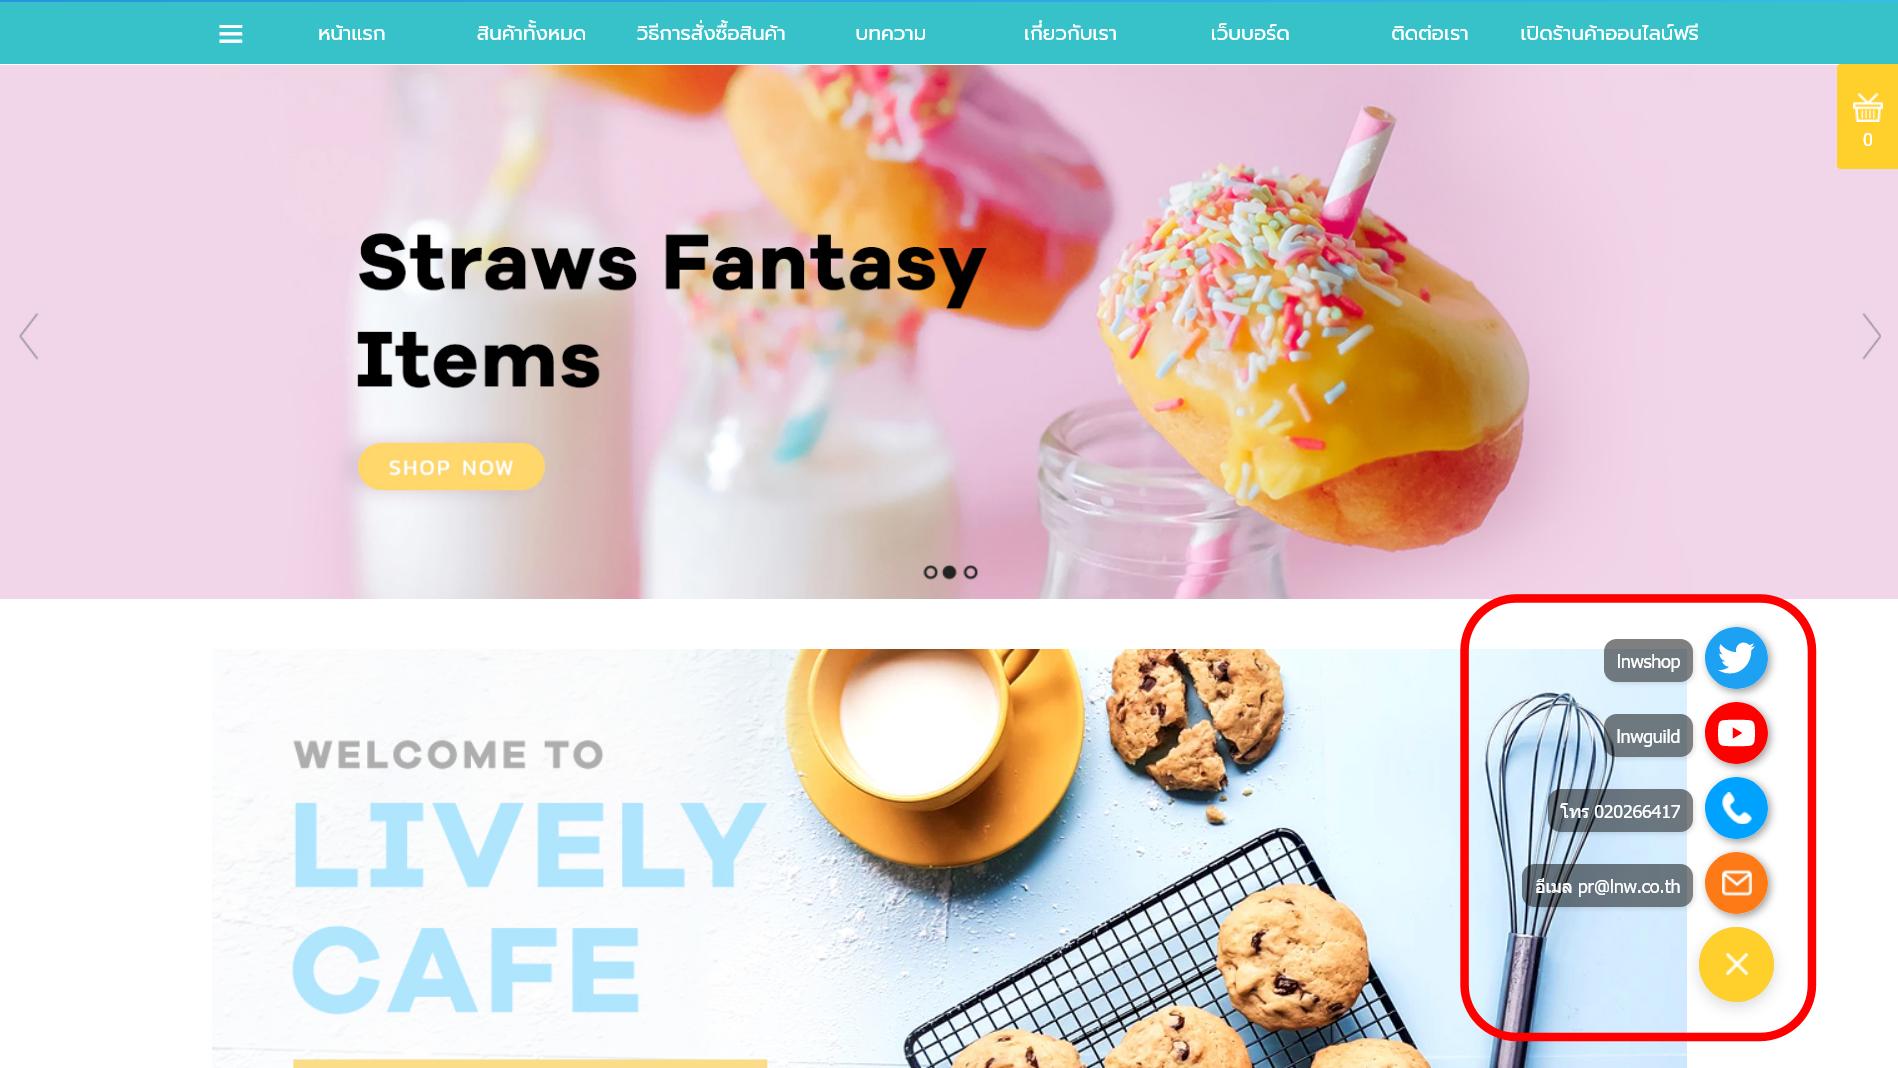 ช่องทางติดต่อ - Contact Shop on website